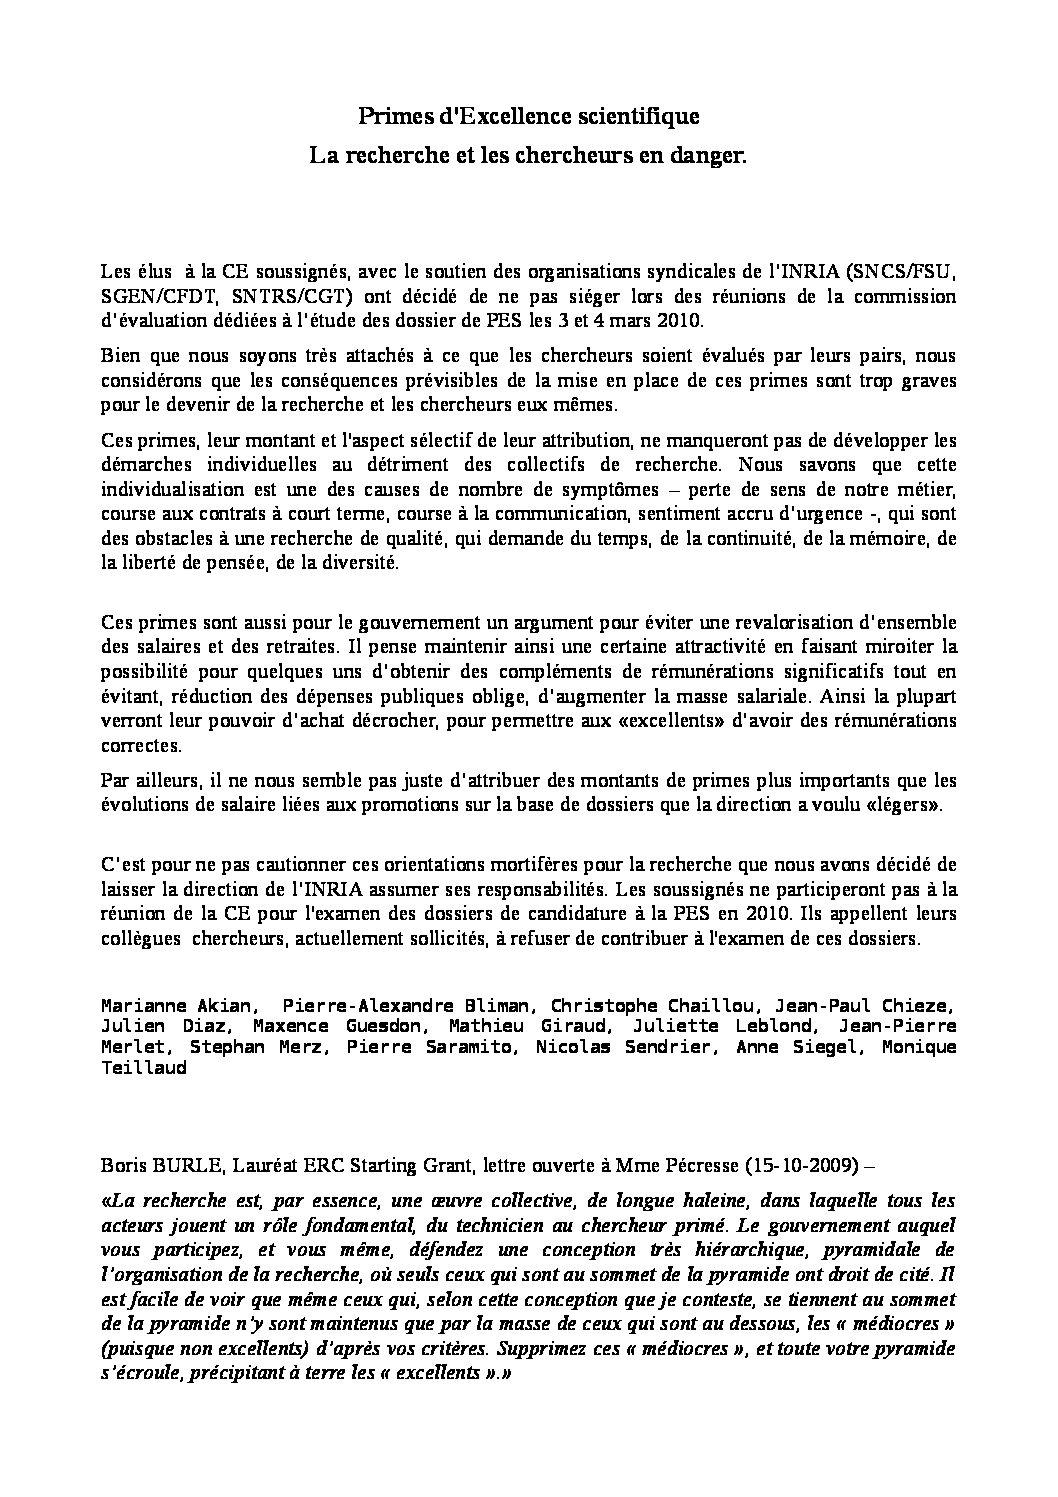 PES_CE-pdf.jpg